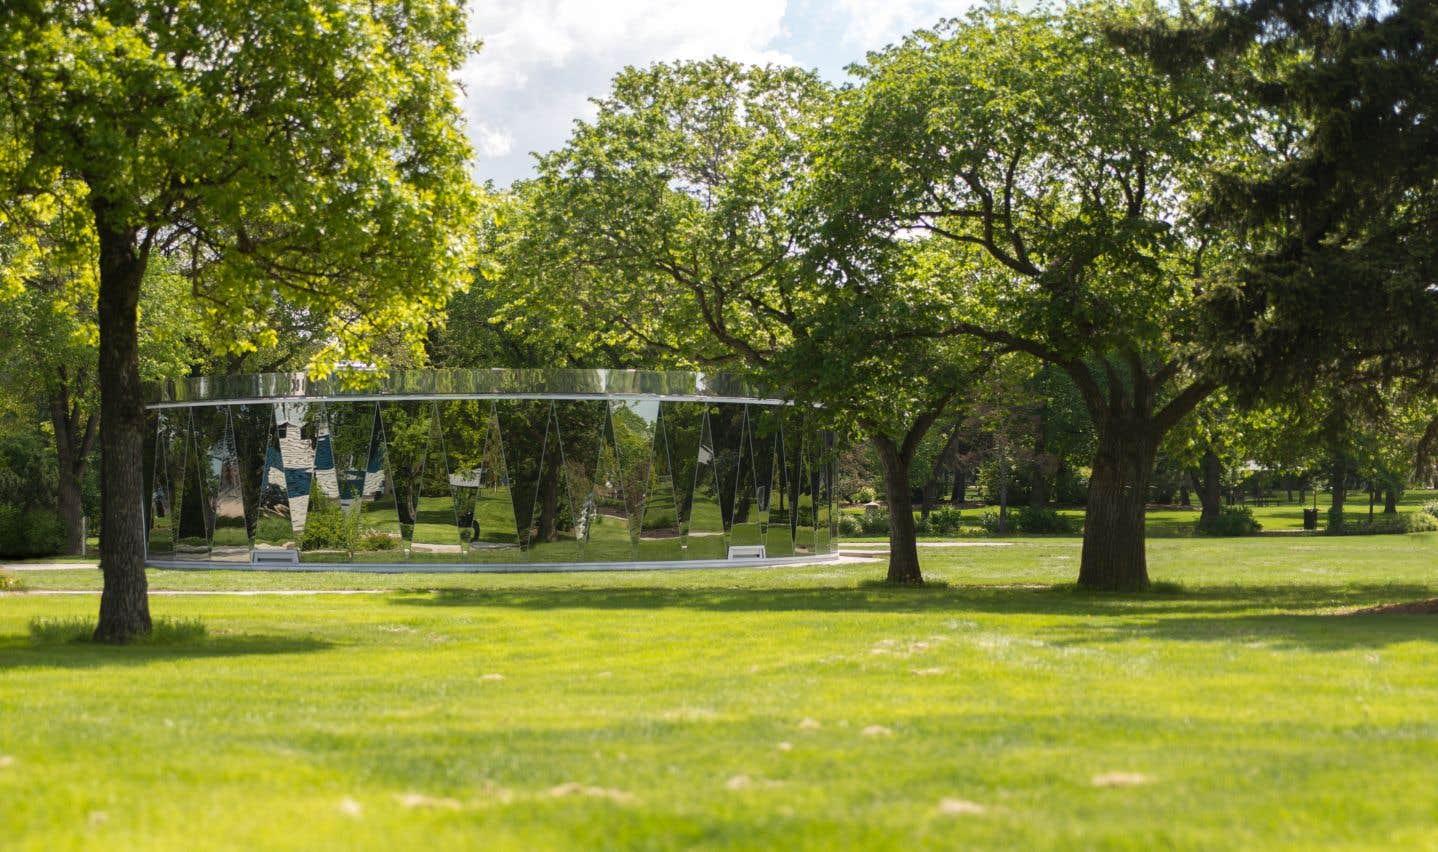 Le pavillon du parc Borden (Alberta),gh3